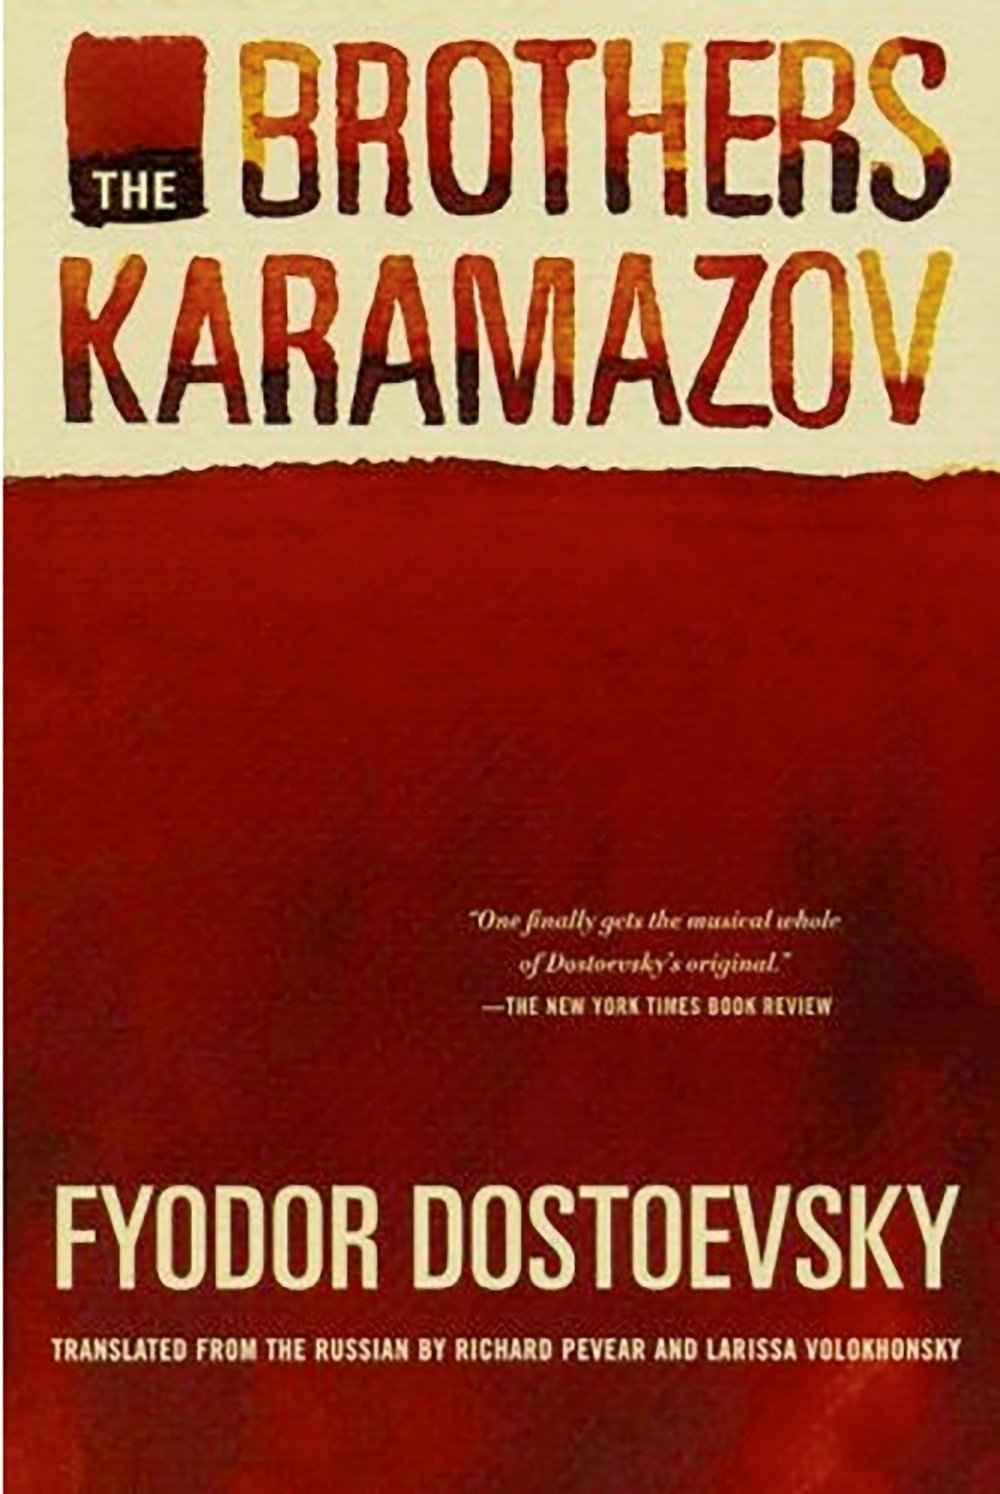 karamazov.jpg